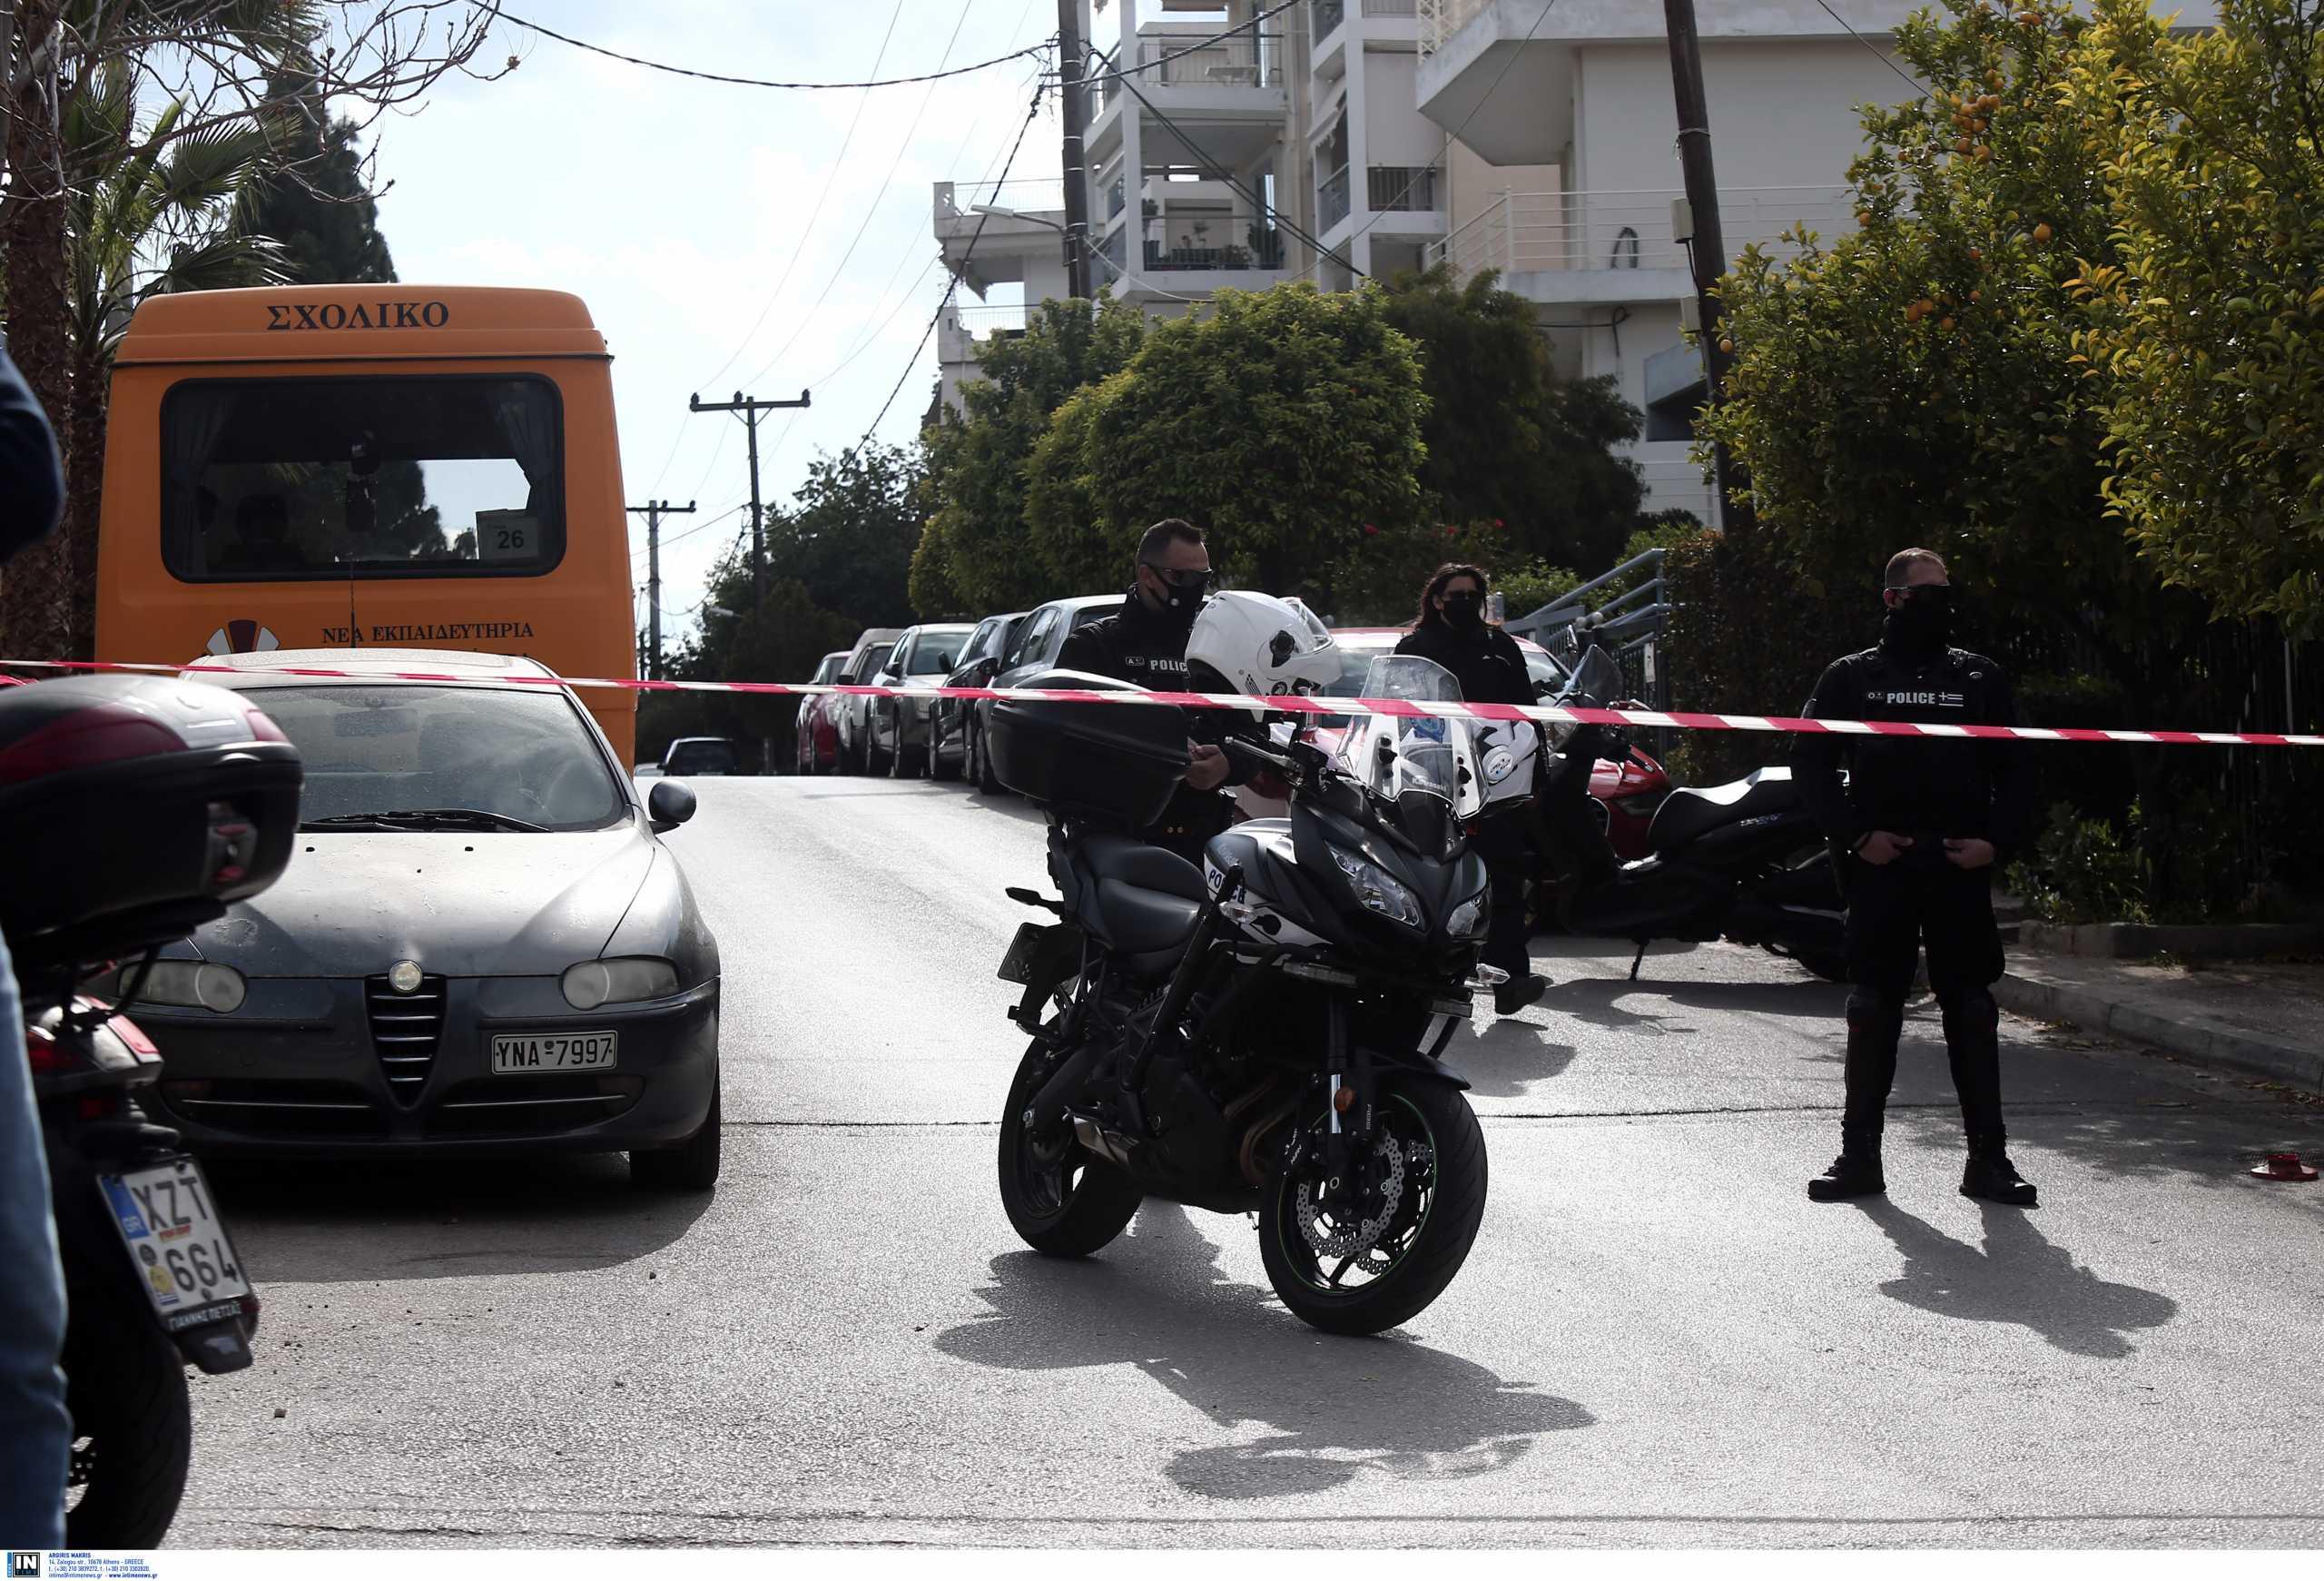 Γιώργος Καραϊβάζ: Αυτόπτες μάρτυρες περιγράφουν τη στιγμή της δολοφονίας – «Κοίταξαν να δουν αν είναι νεκρός»